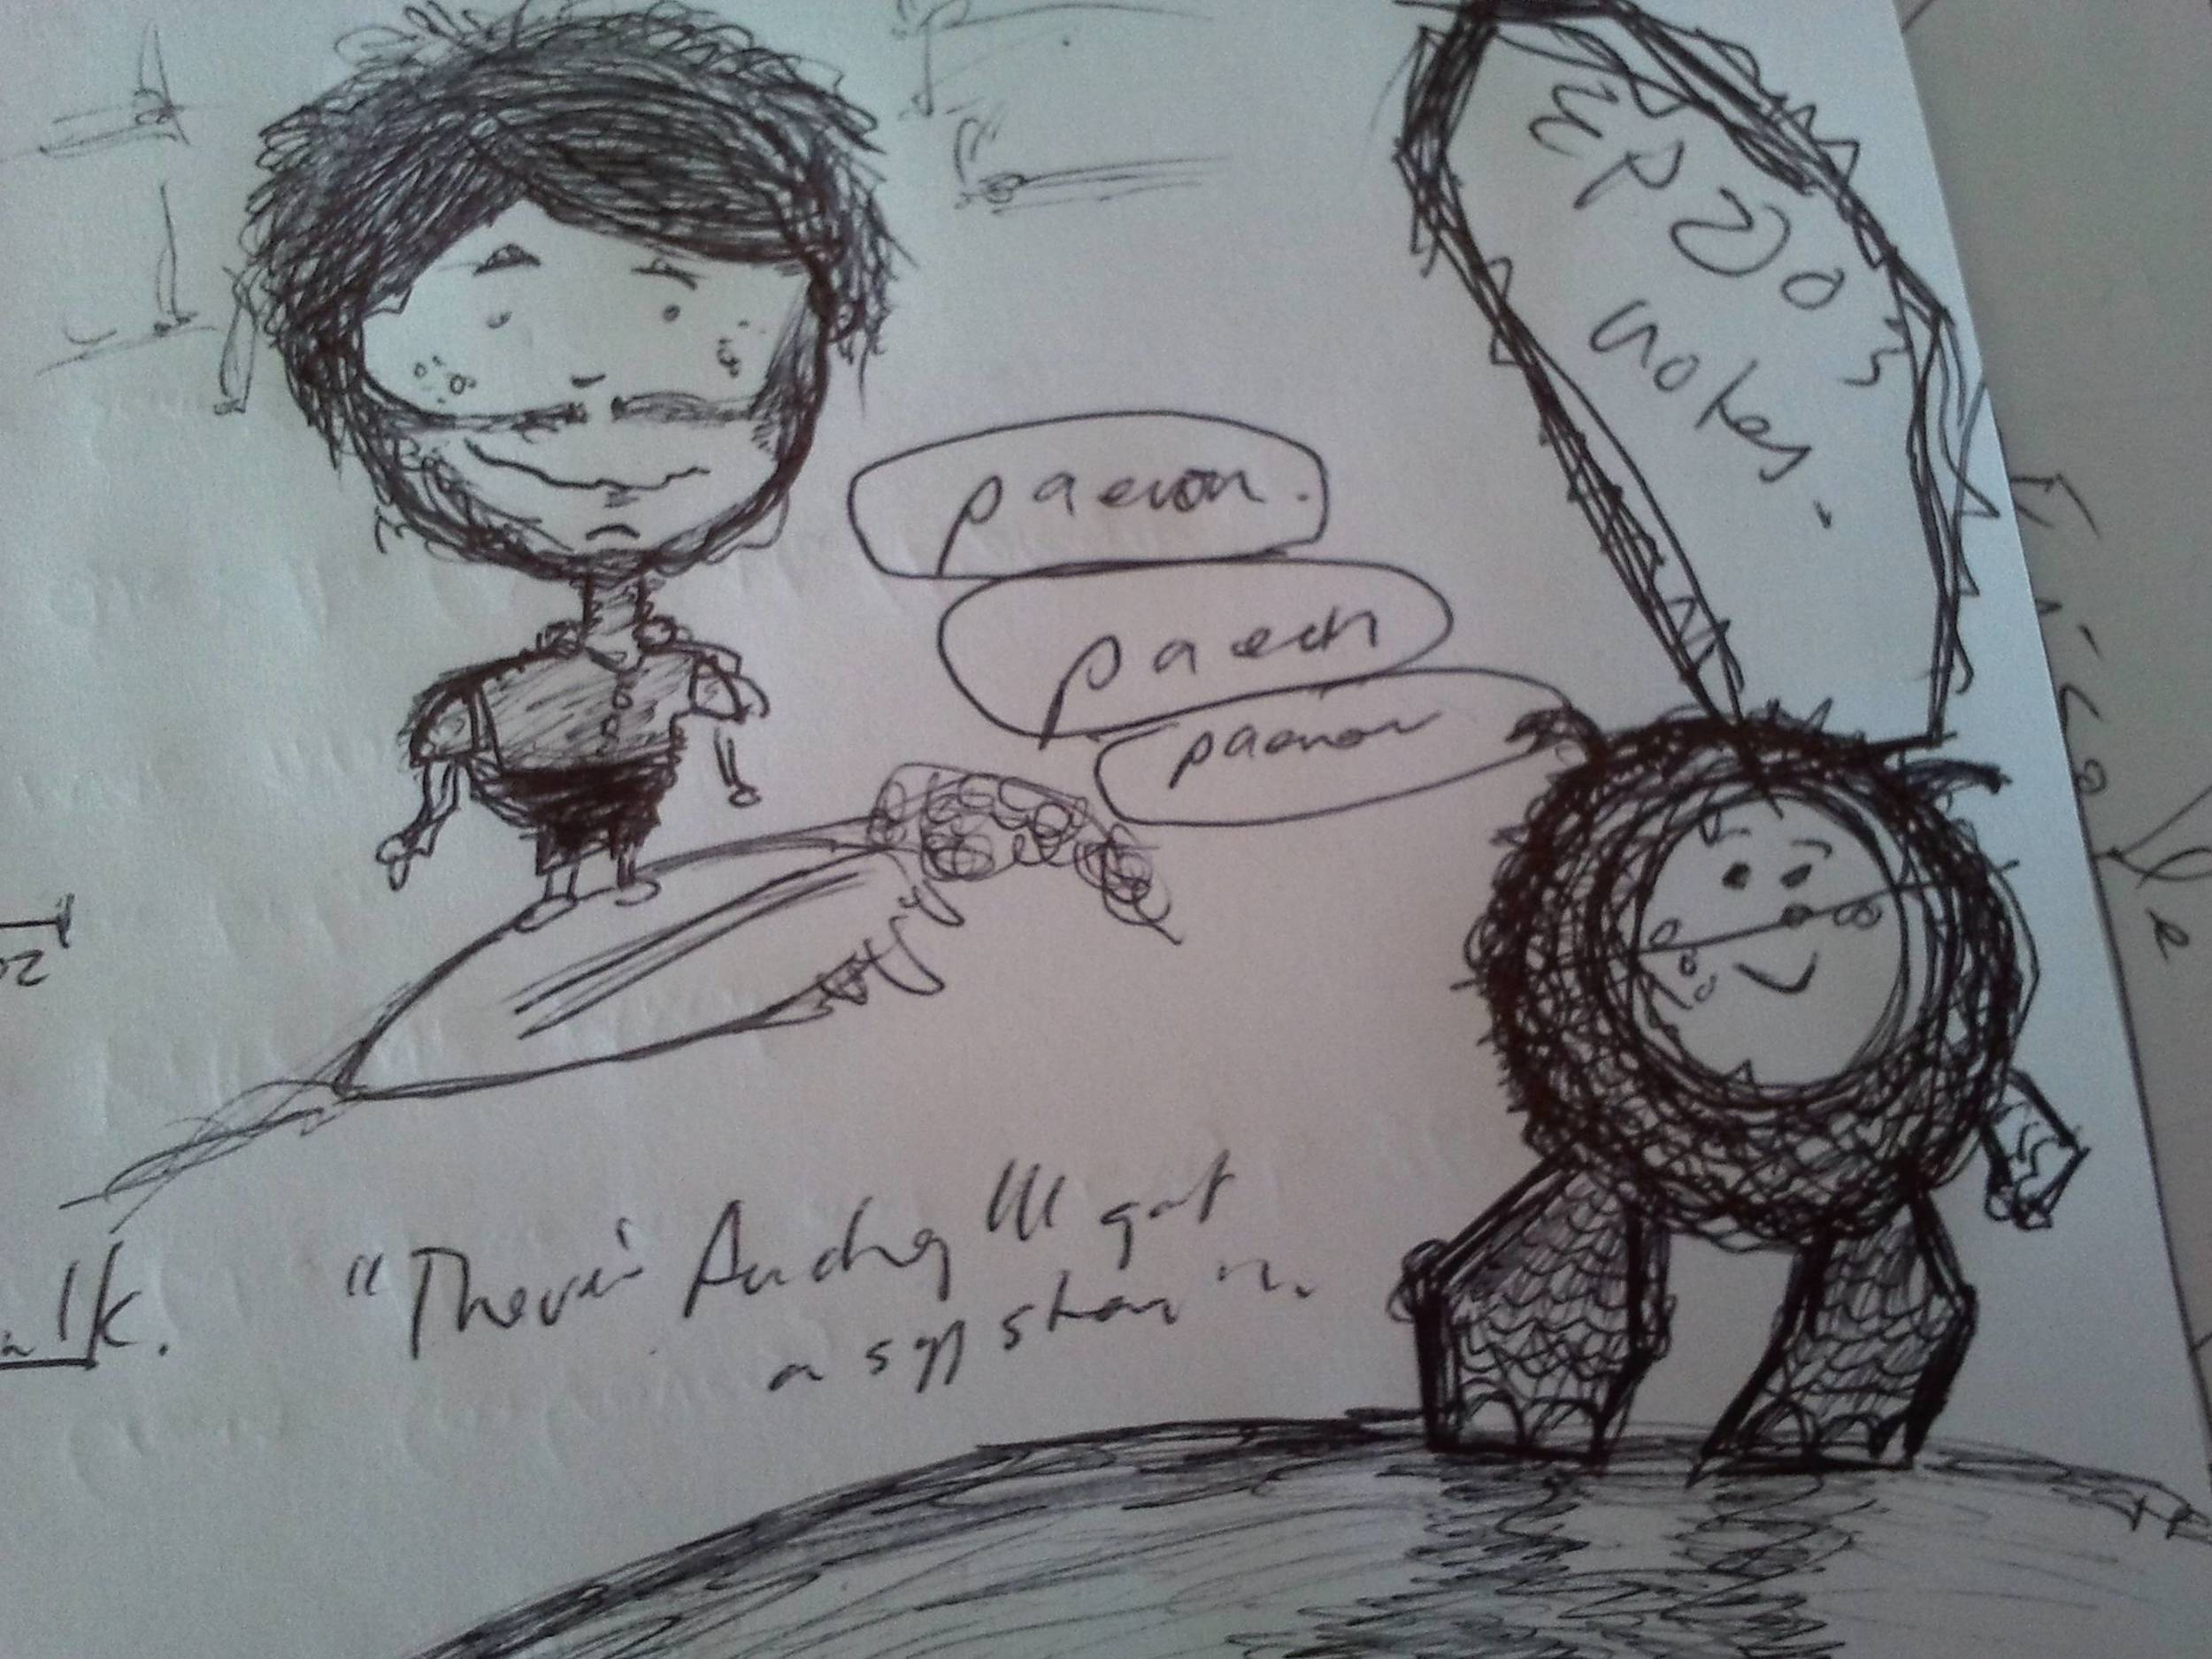 Still doodling.